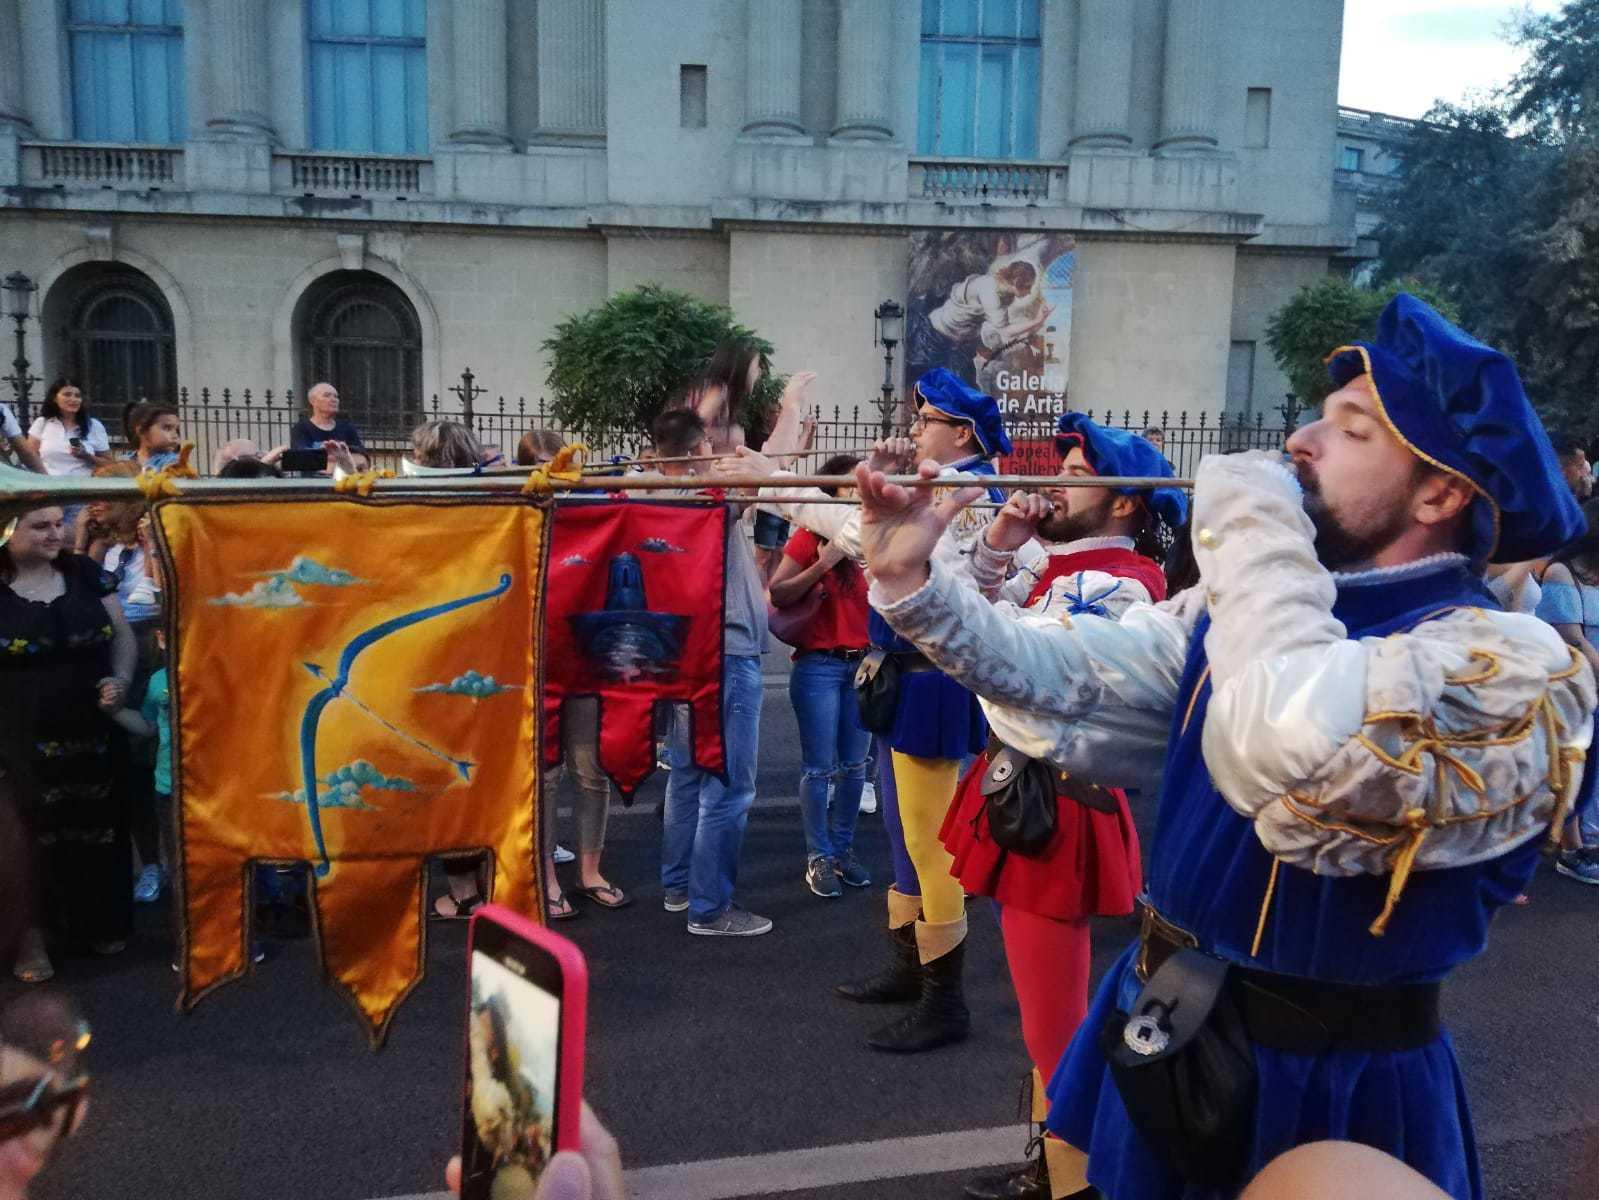 Atmosferă de carnaval în Capitală. Parada B-FIT i-a scos pe bucureşteni în stradă şi a adunat 200 de artişti internaţionali   FOTO, VIDEO